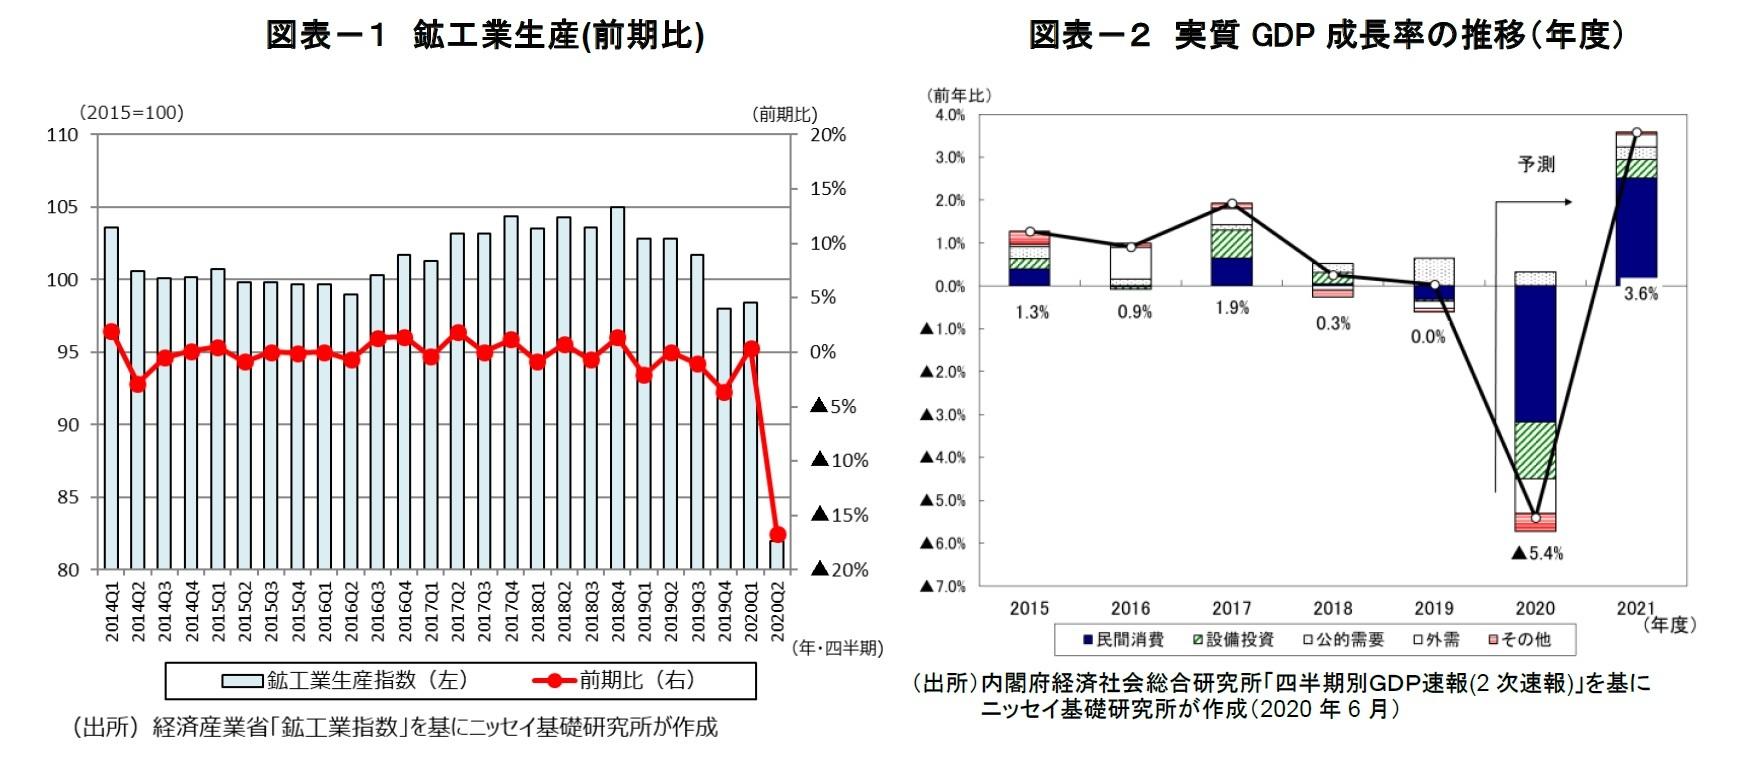 図表-1 鉱工業生産(前期比)/図表-2 実質GDP 成長率の推移(年度)